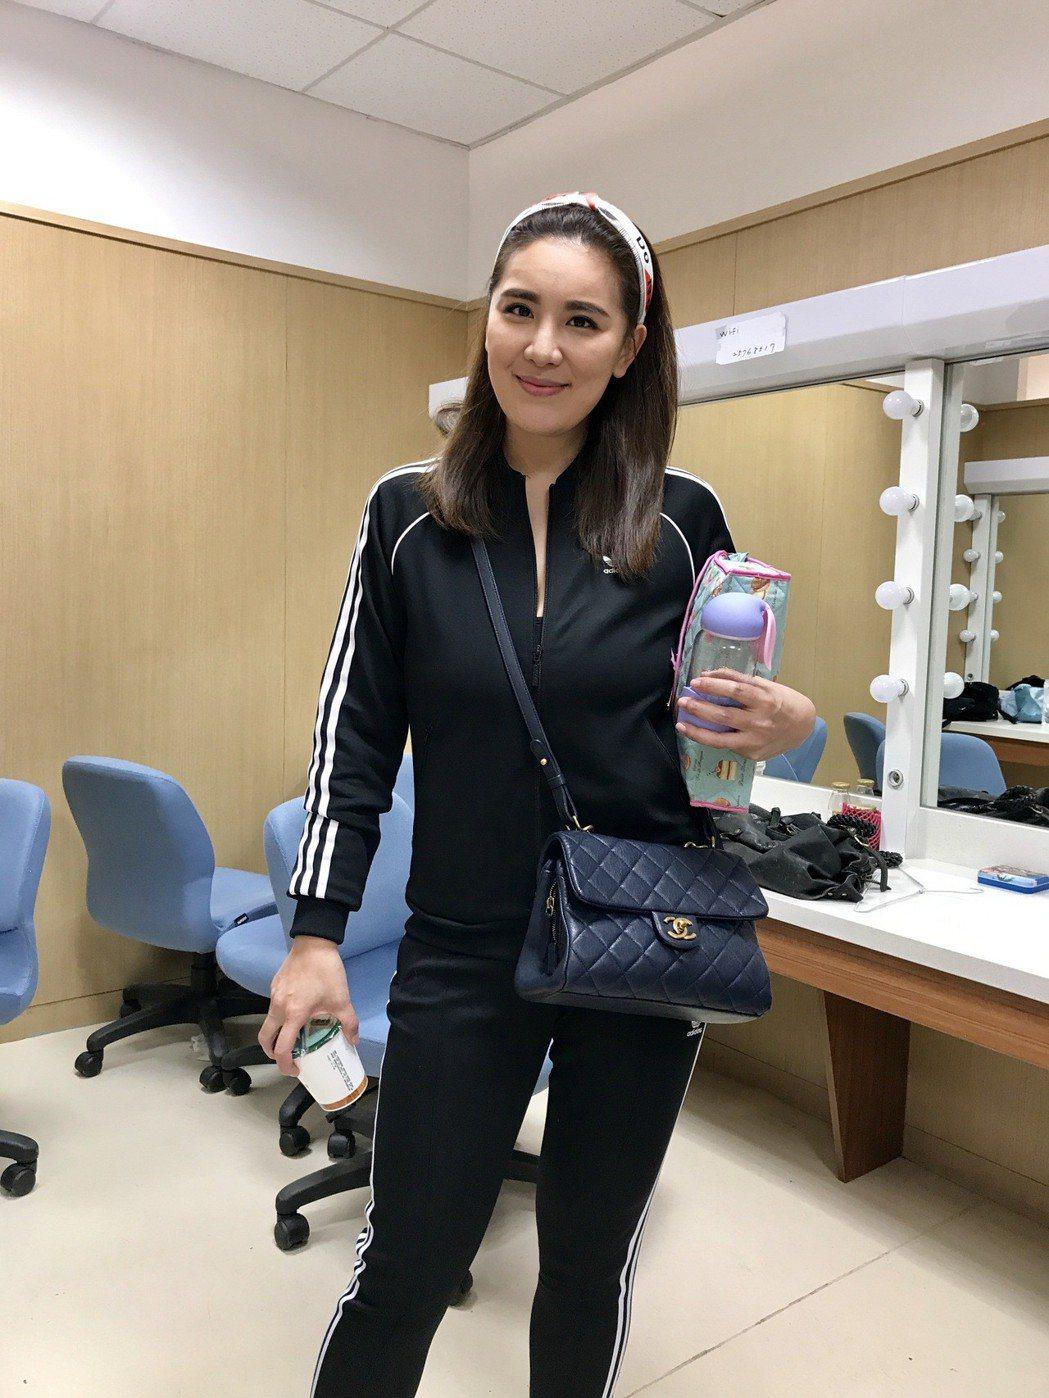 小禎瘦身成為很多人減肥的動力,她拍完戲立刻想上健身房。記者葉君遠攝影